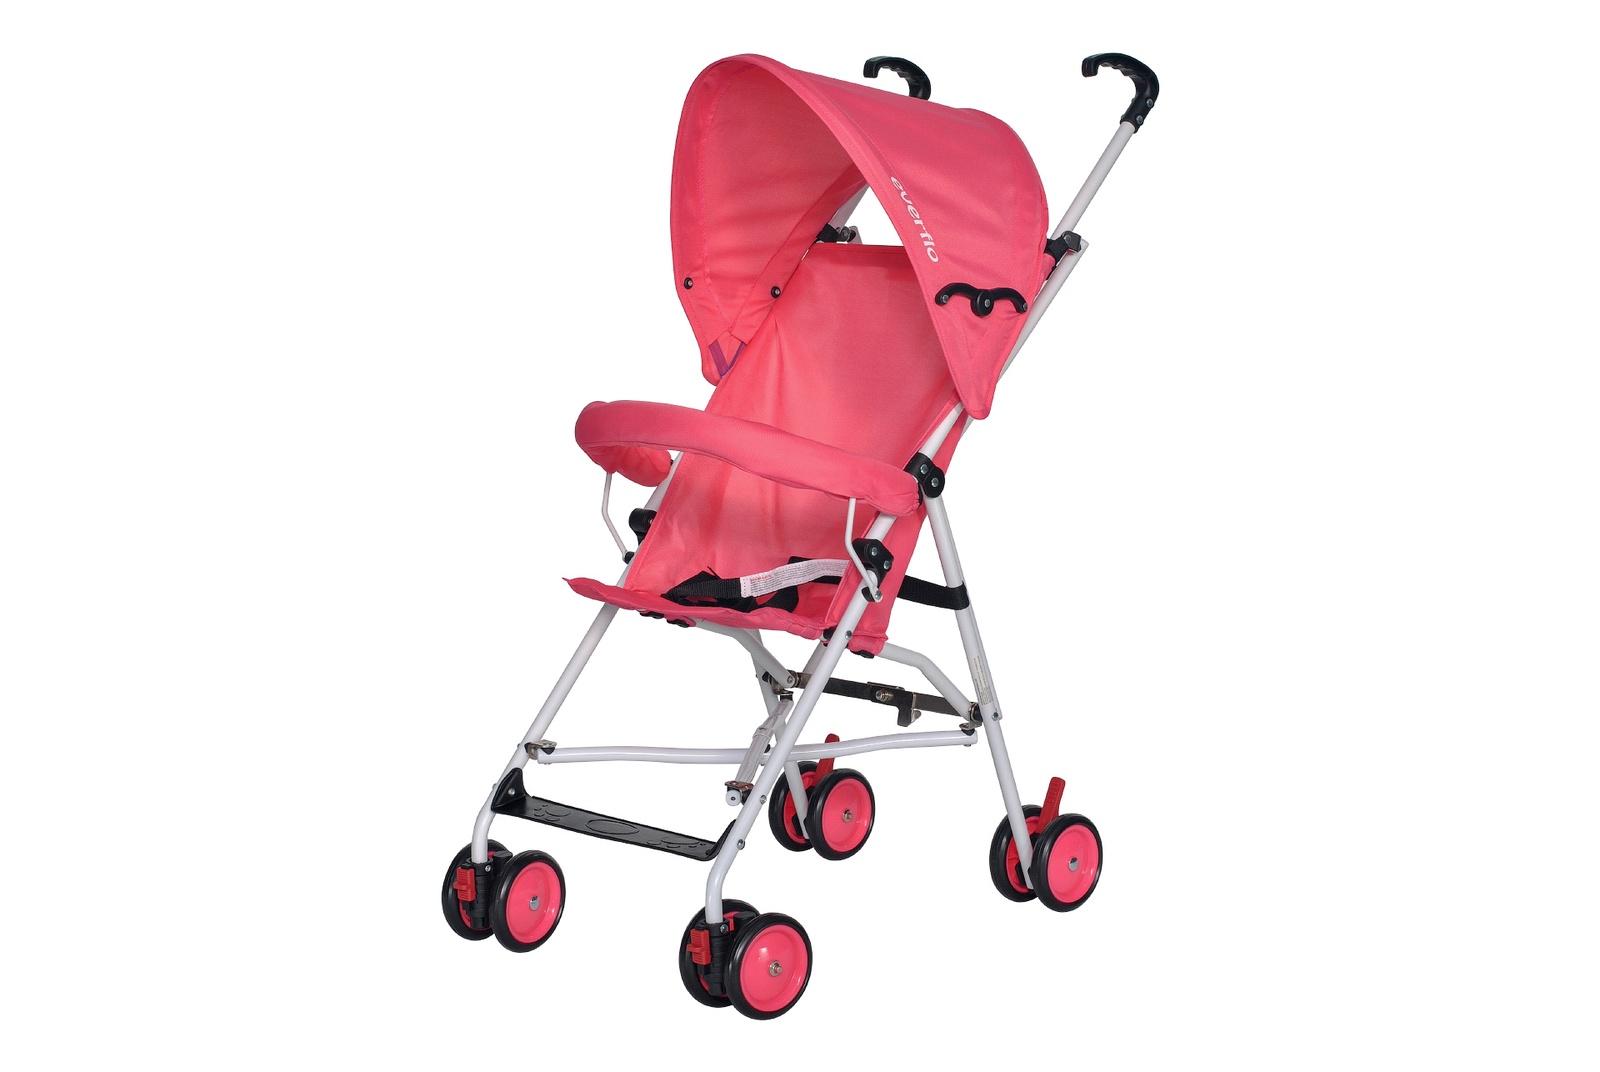 все цены на Коляска прогулочная Everflo Simple pink Е 100 розовый онлайн